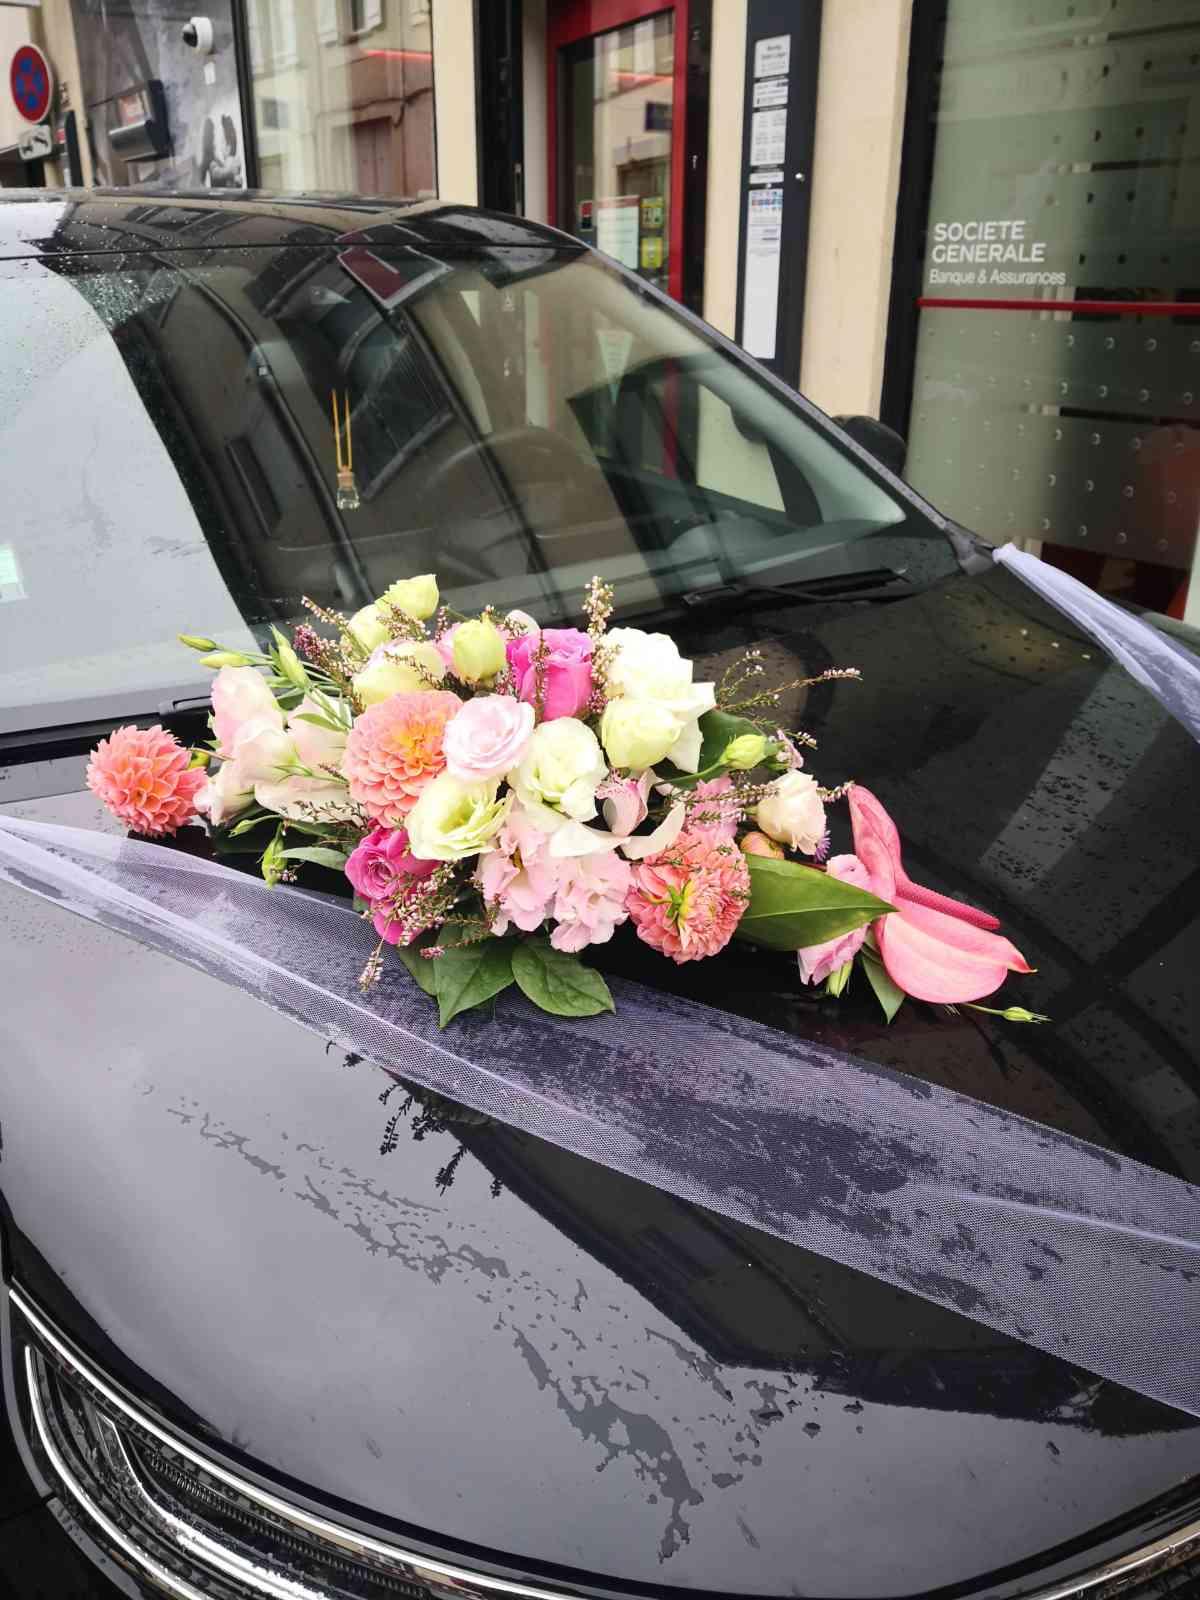 136 Décoration florale pour des évènements (mariage, anniversaire, etc.) | Aux Quatre Saisons à Boissy-Saint-Léger